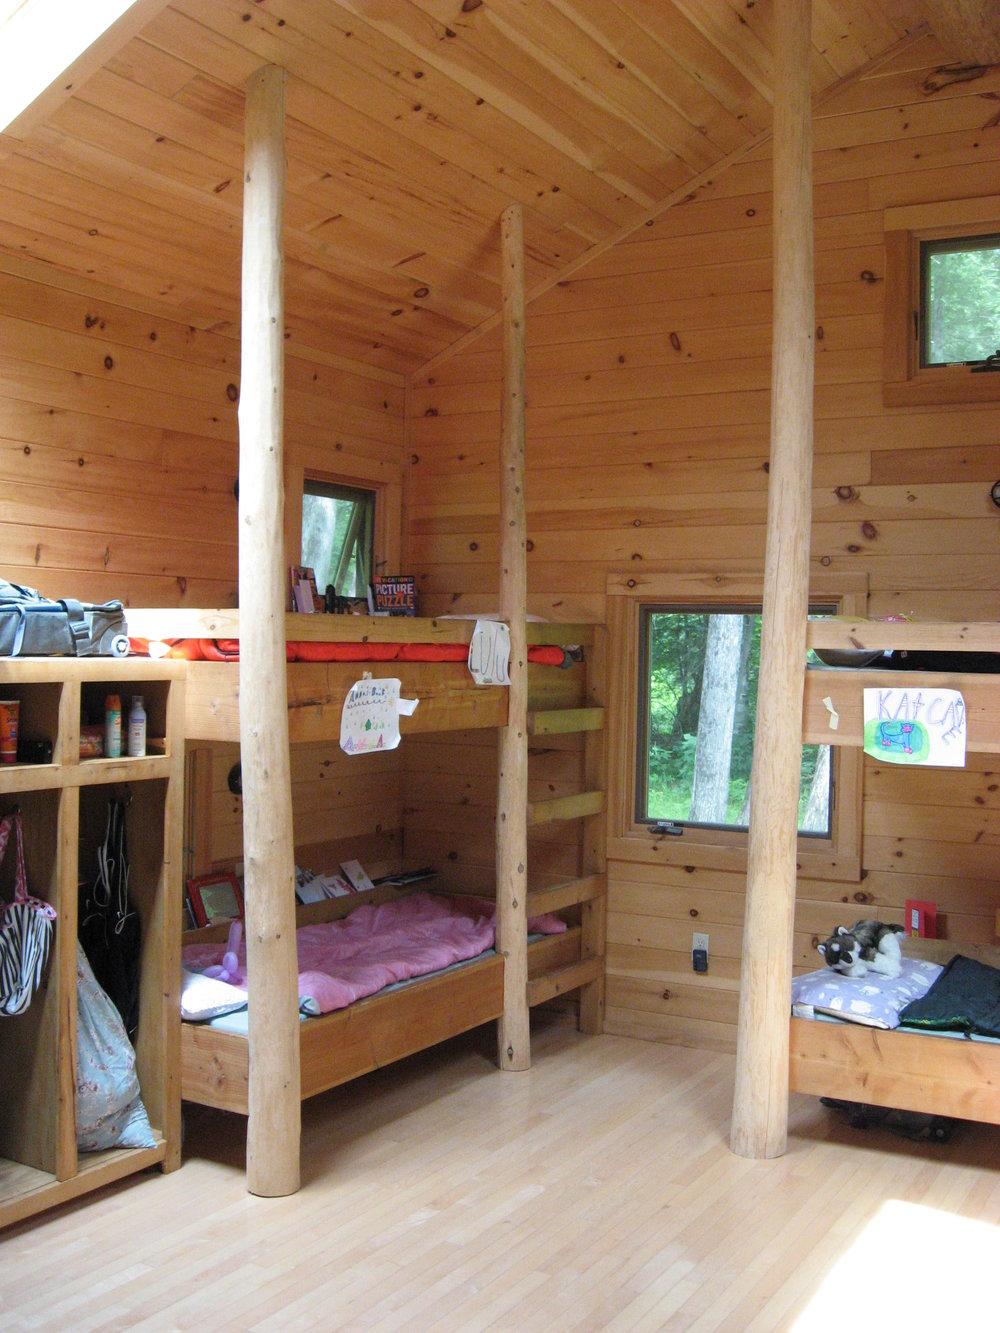 Cub Cabin Sleeping Room.jpg